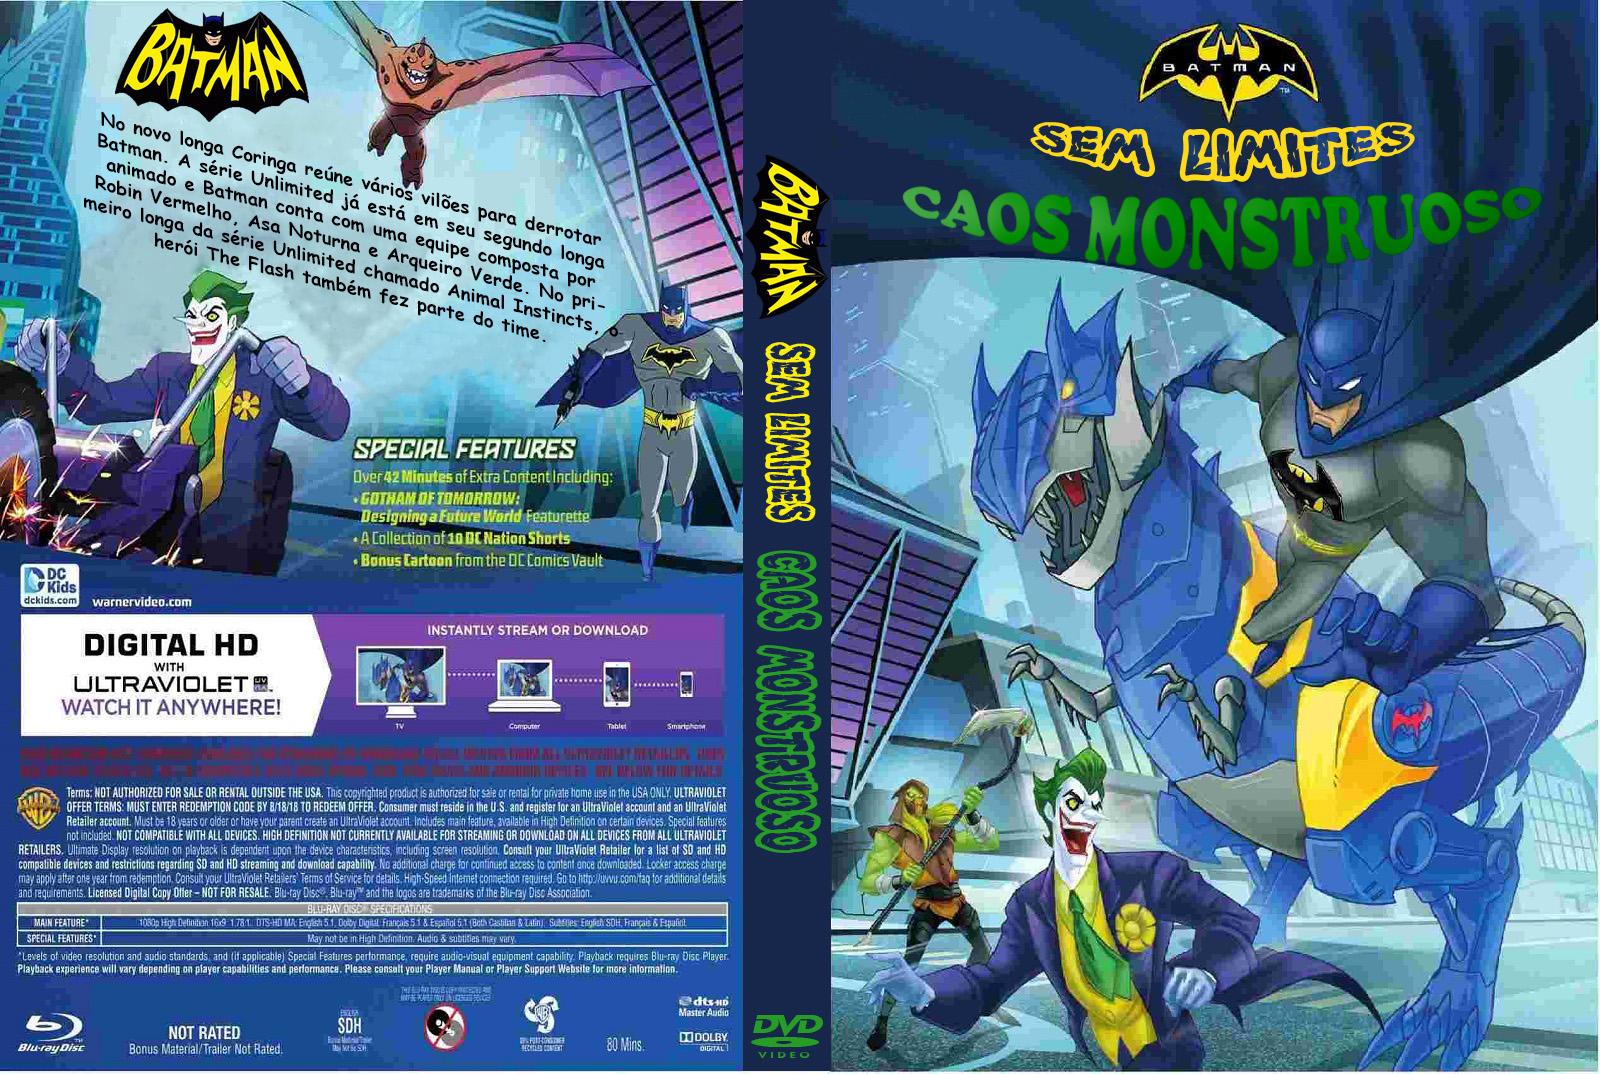 Batman Sem Limites: Caos Monstruoso – Dublado